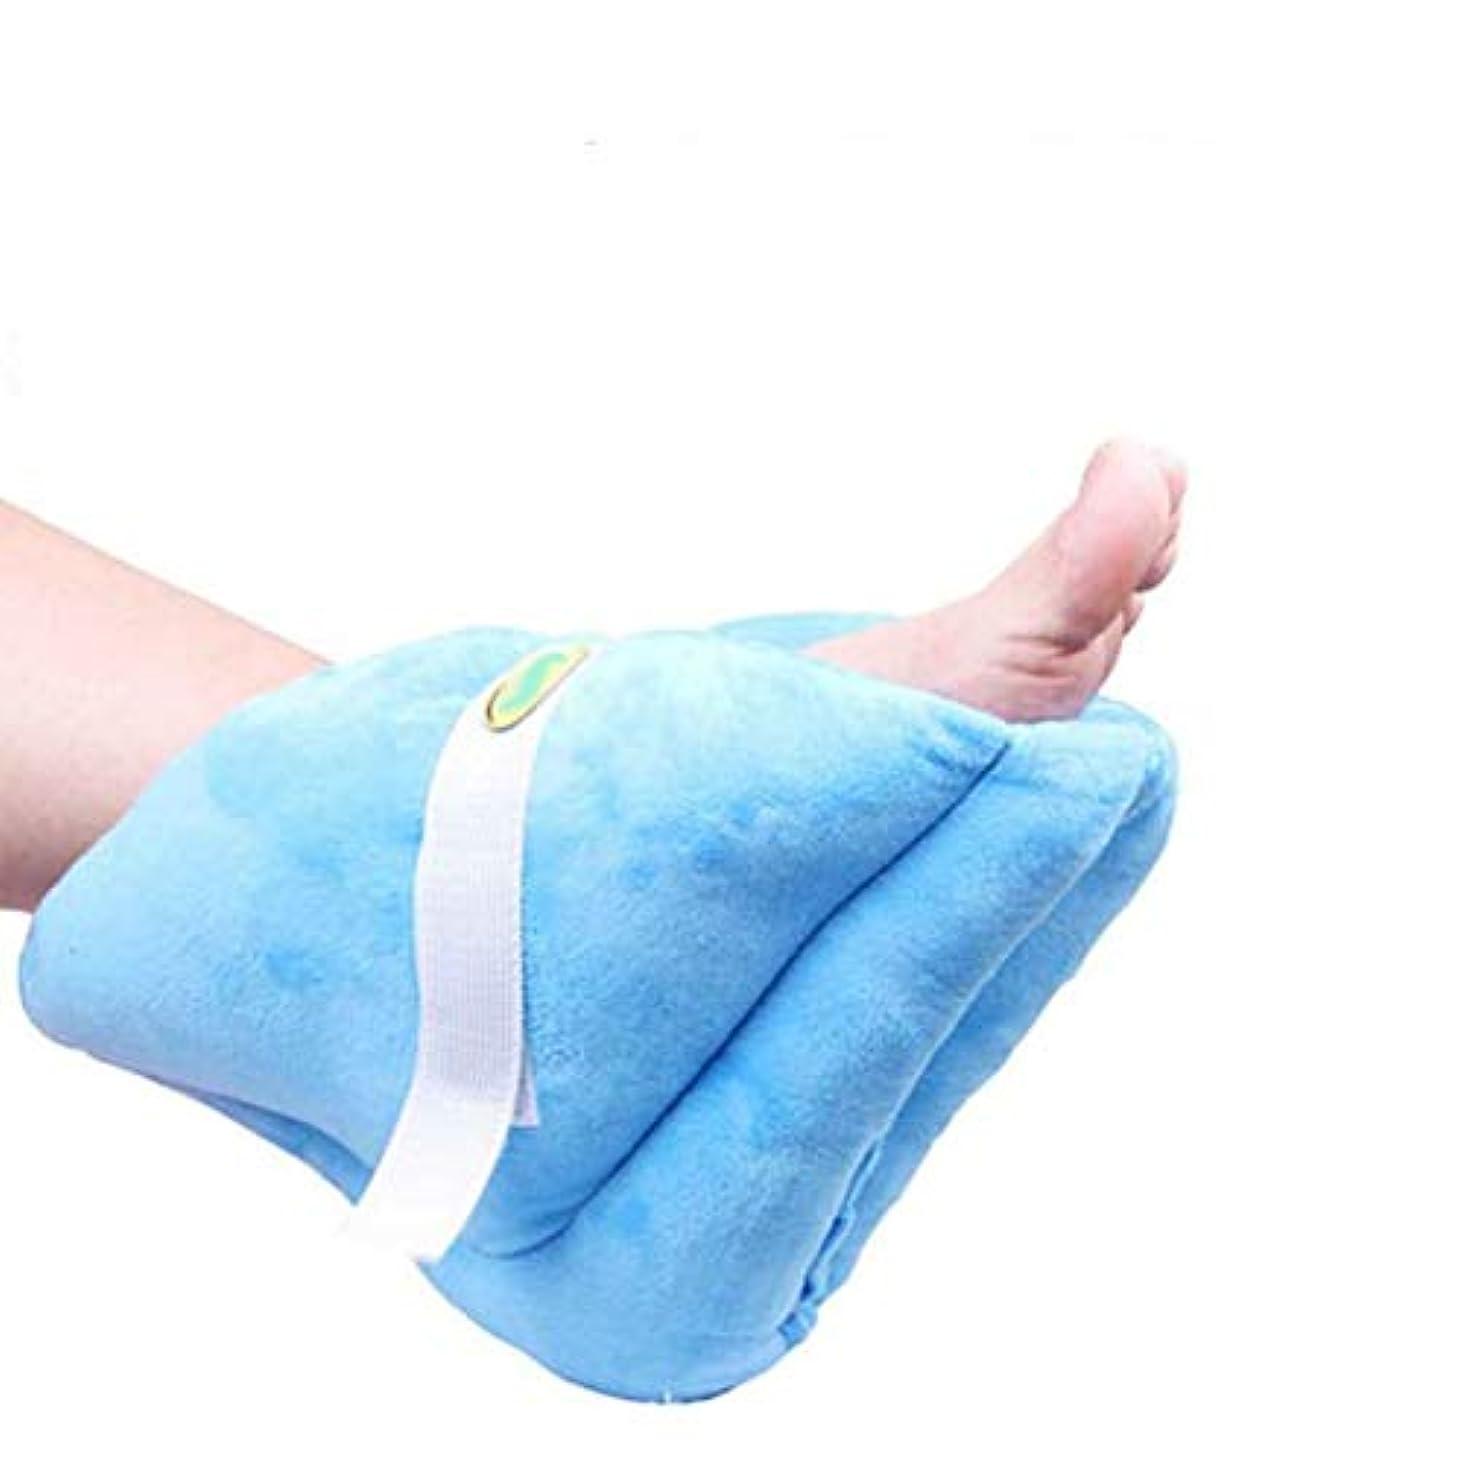 いつフィクション気づくヒールクッションプロテクター - 足と足首の枕 - ヒール保護ガード - 足、肘、かかと - ベッド&褥瘡を保護します,1pc